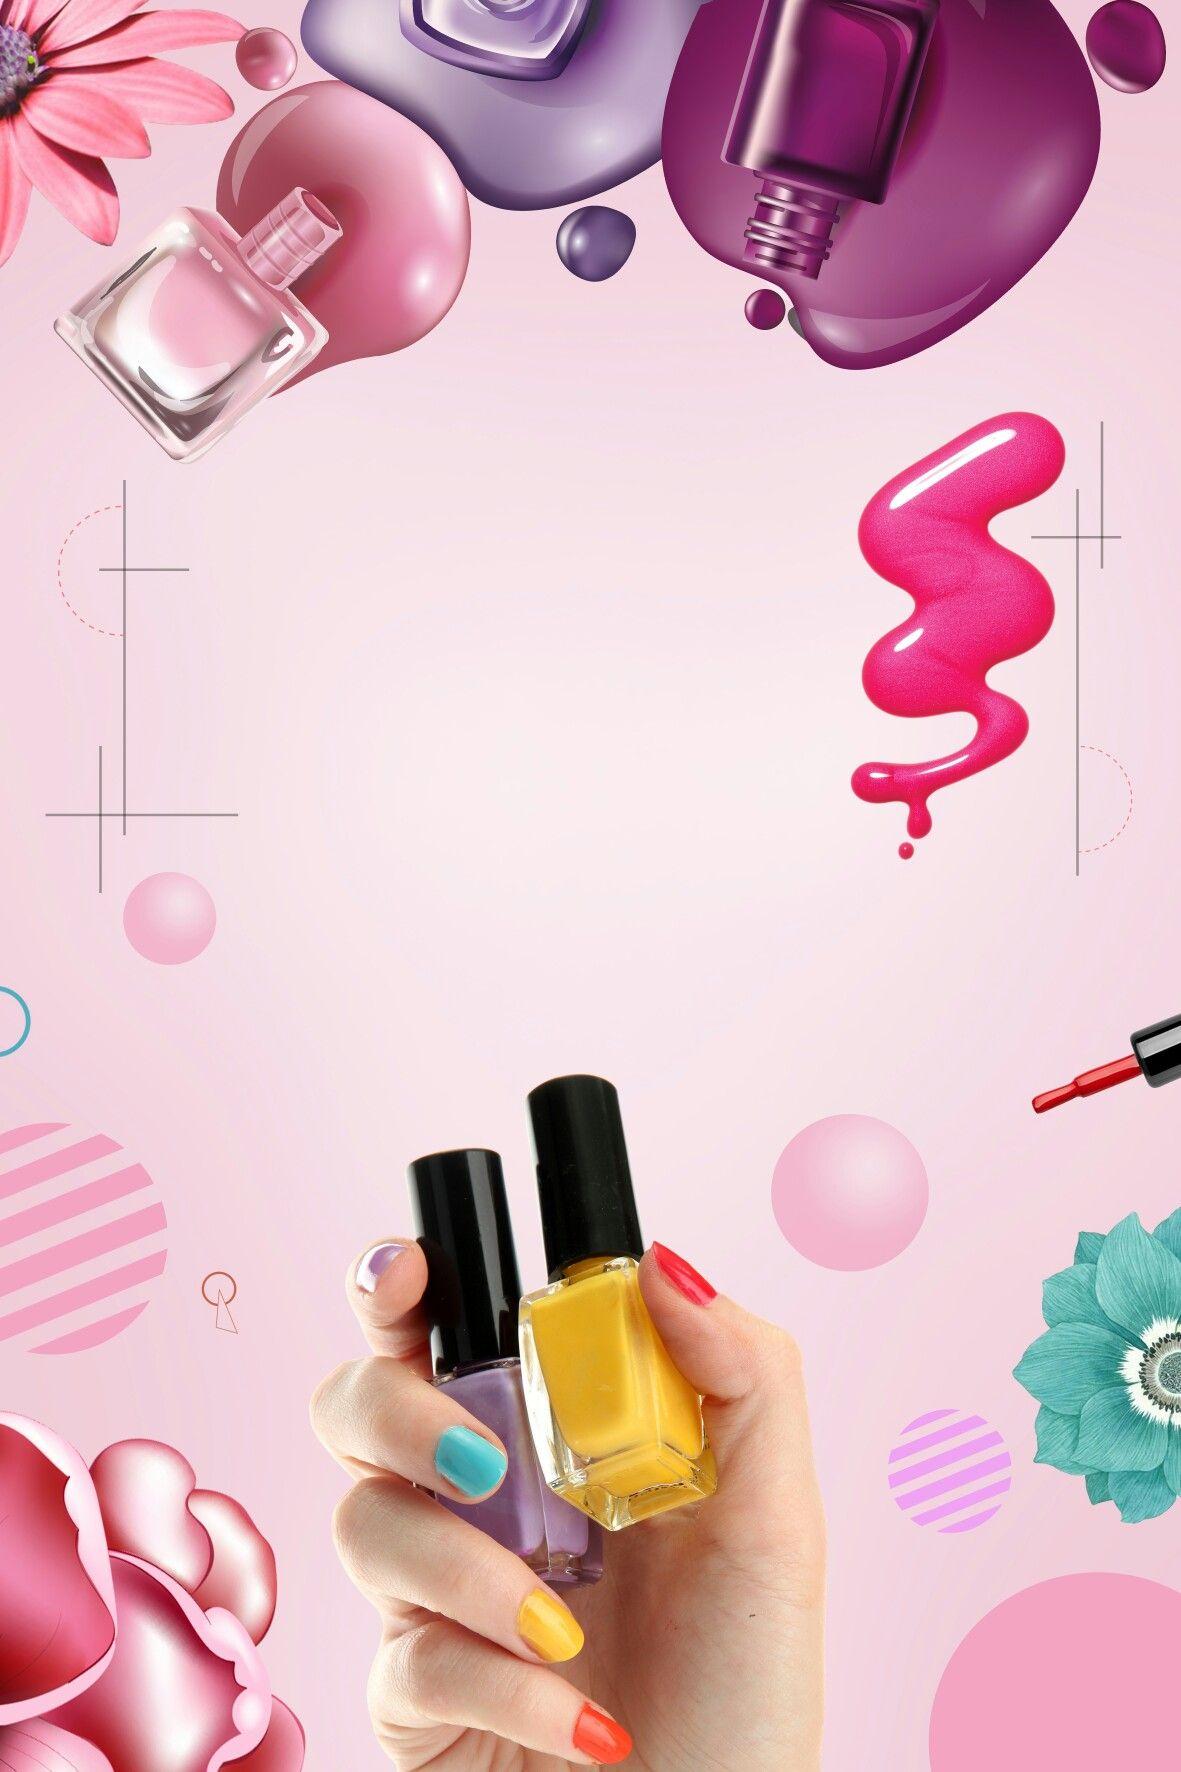 Pin de Yahaira Caceres Riveros em Salon manicure